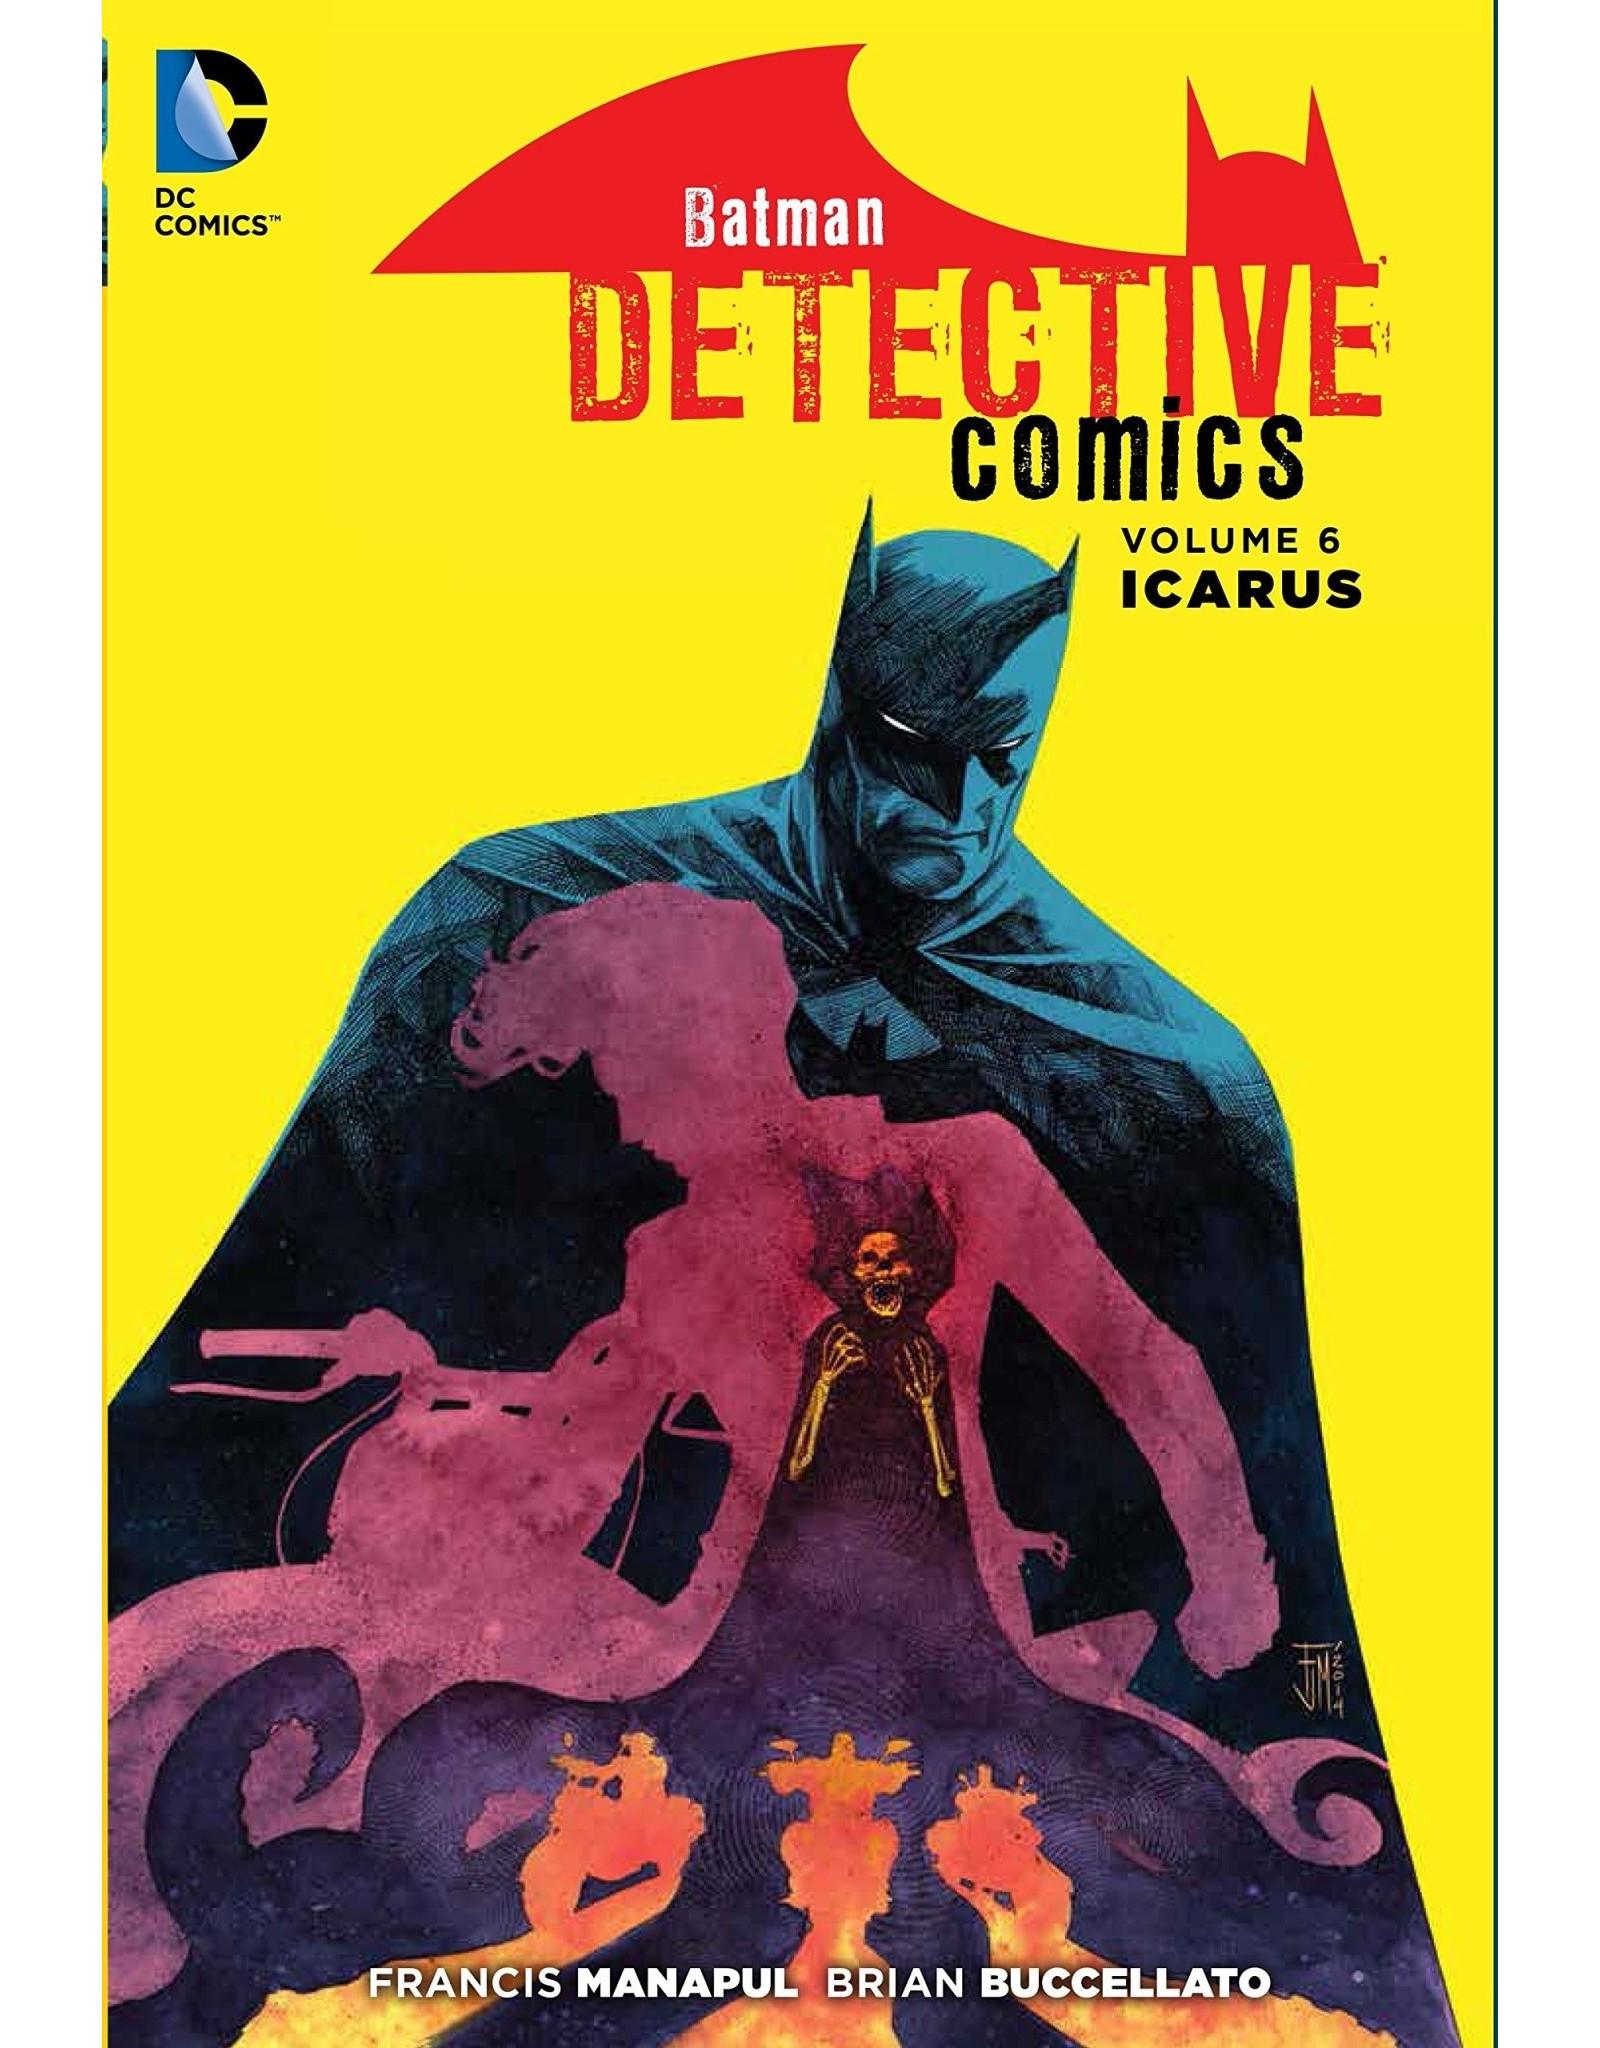 BATMAN DETECTIVE COMICS Vol 06 ICARUS